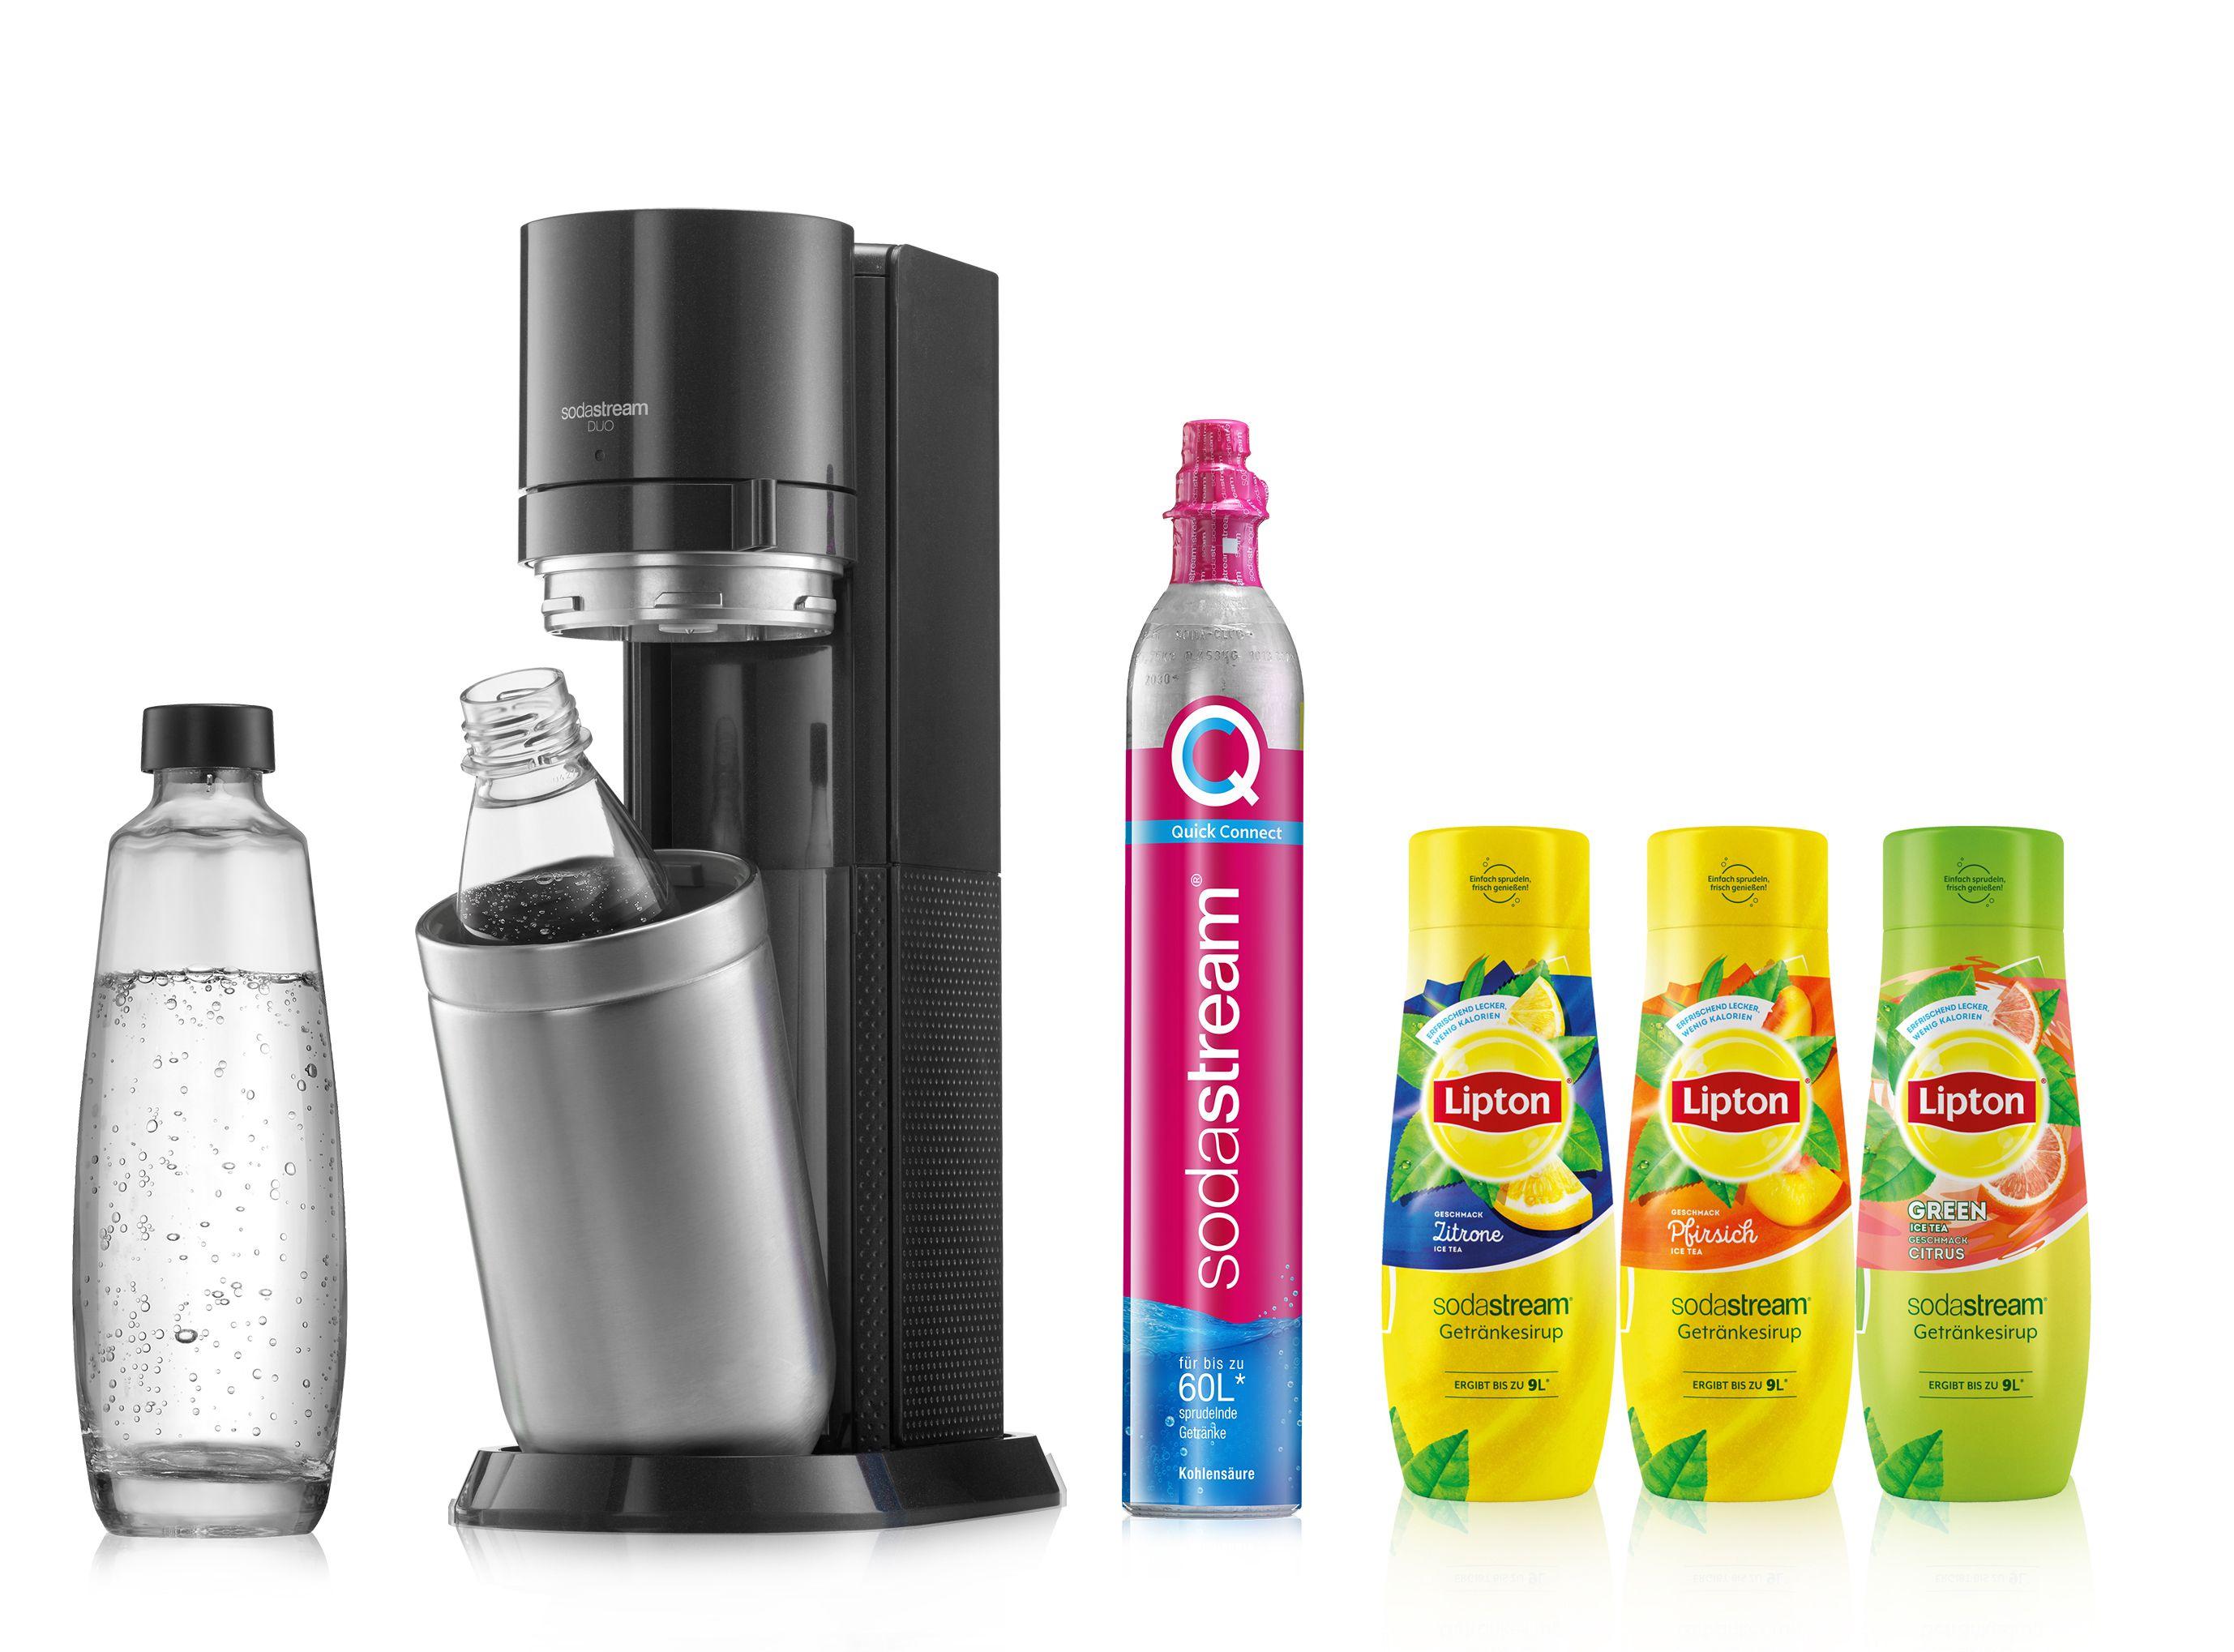 Die neuen Lipton Eistee-Sirups von SodaStream